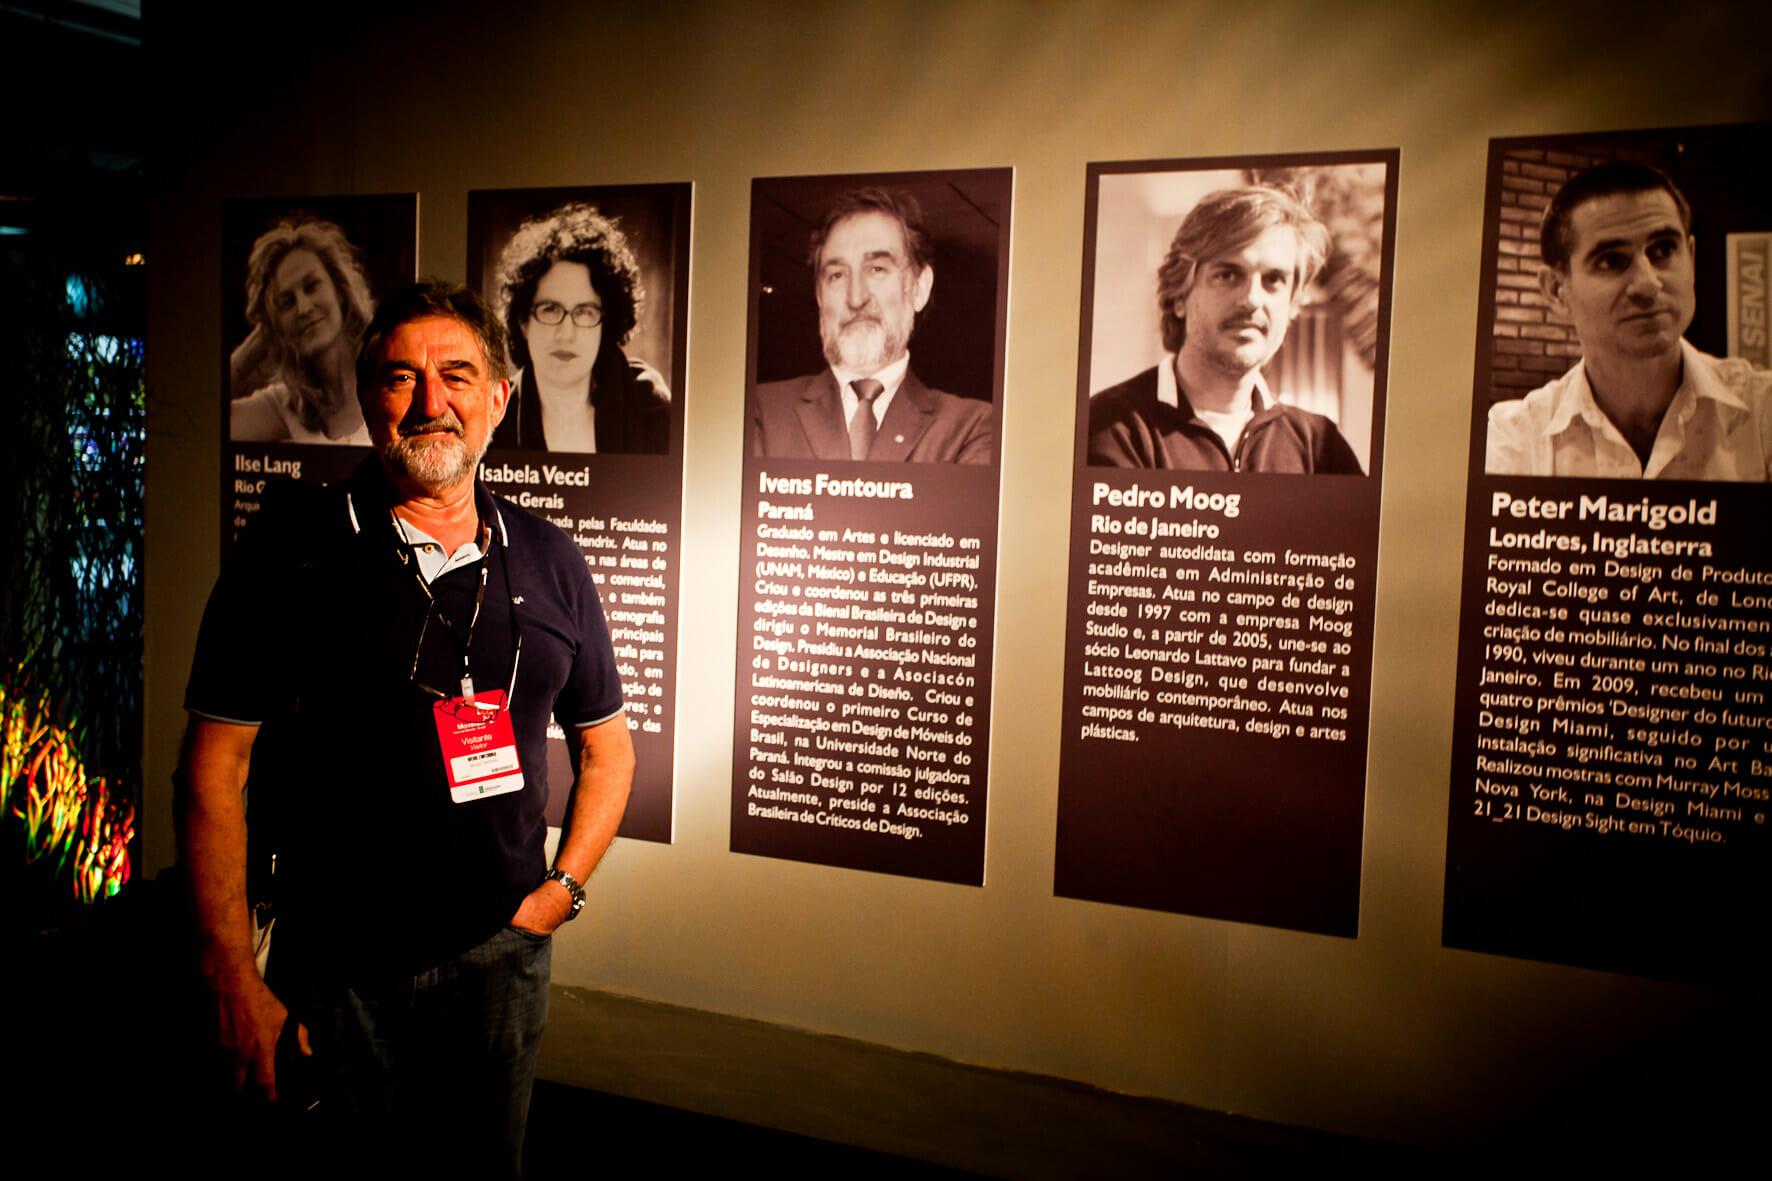 Ivens Fontoura, jurado do Salão Design há 12 edições | Foto: Emmanuel Denaui